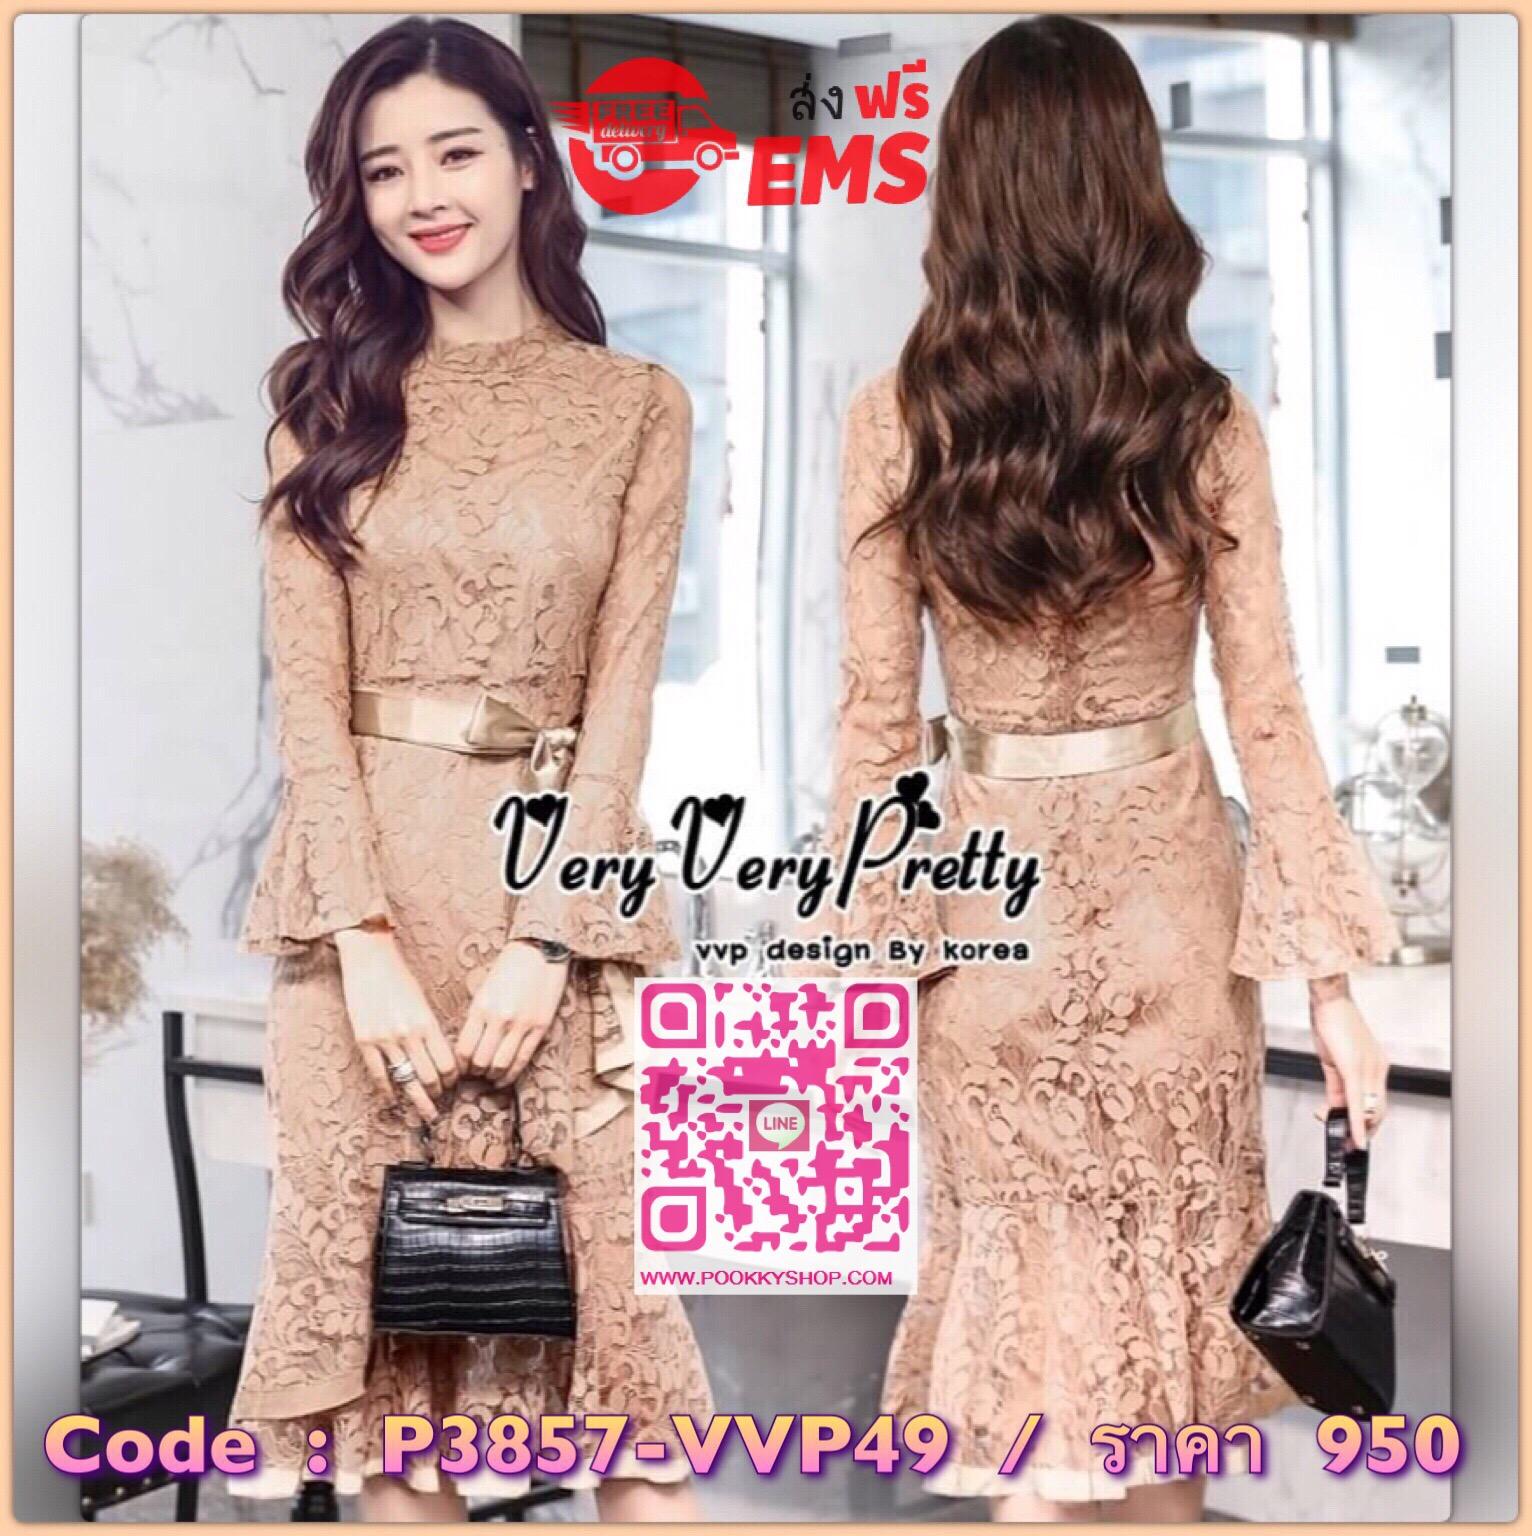 Elegant Premium Flora Long-Sleeve Lace Dress เดรสผ้าลูกไม้แขนยาวทรงระบายงานสวยสไตล์เกาหลีค่ะ เนื้อผ้าลูกไม้ทั้งตัวลวดลายสวยหรู มีริบบิ้นเนื้อผ้ามันเงามาให้พร้อม ทรงชุดเข้ารูประบายปลาย เล่นดีเทลเก๋ตามแบบ มีซับในทั้งตัว ซิปซ่อนด้านหลัง ใส่สวยทุกโอกาสค่ะ